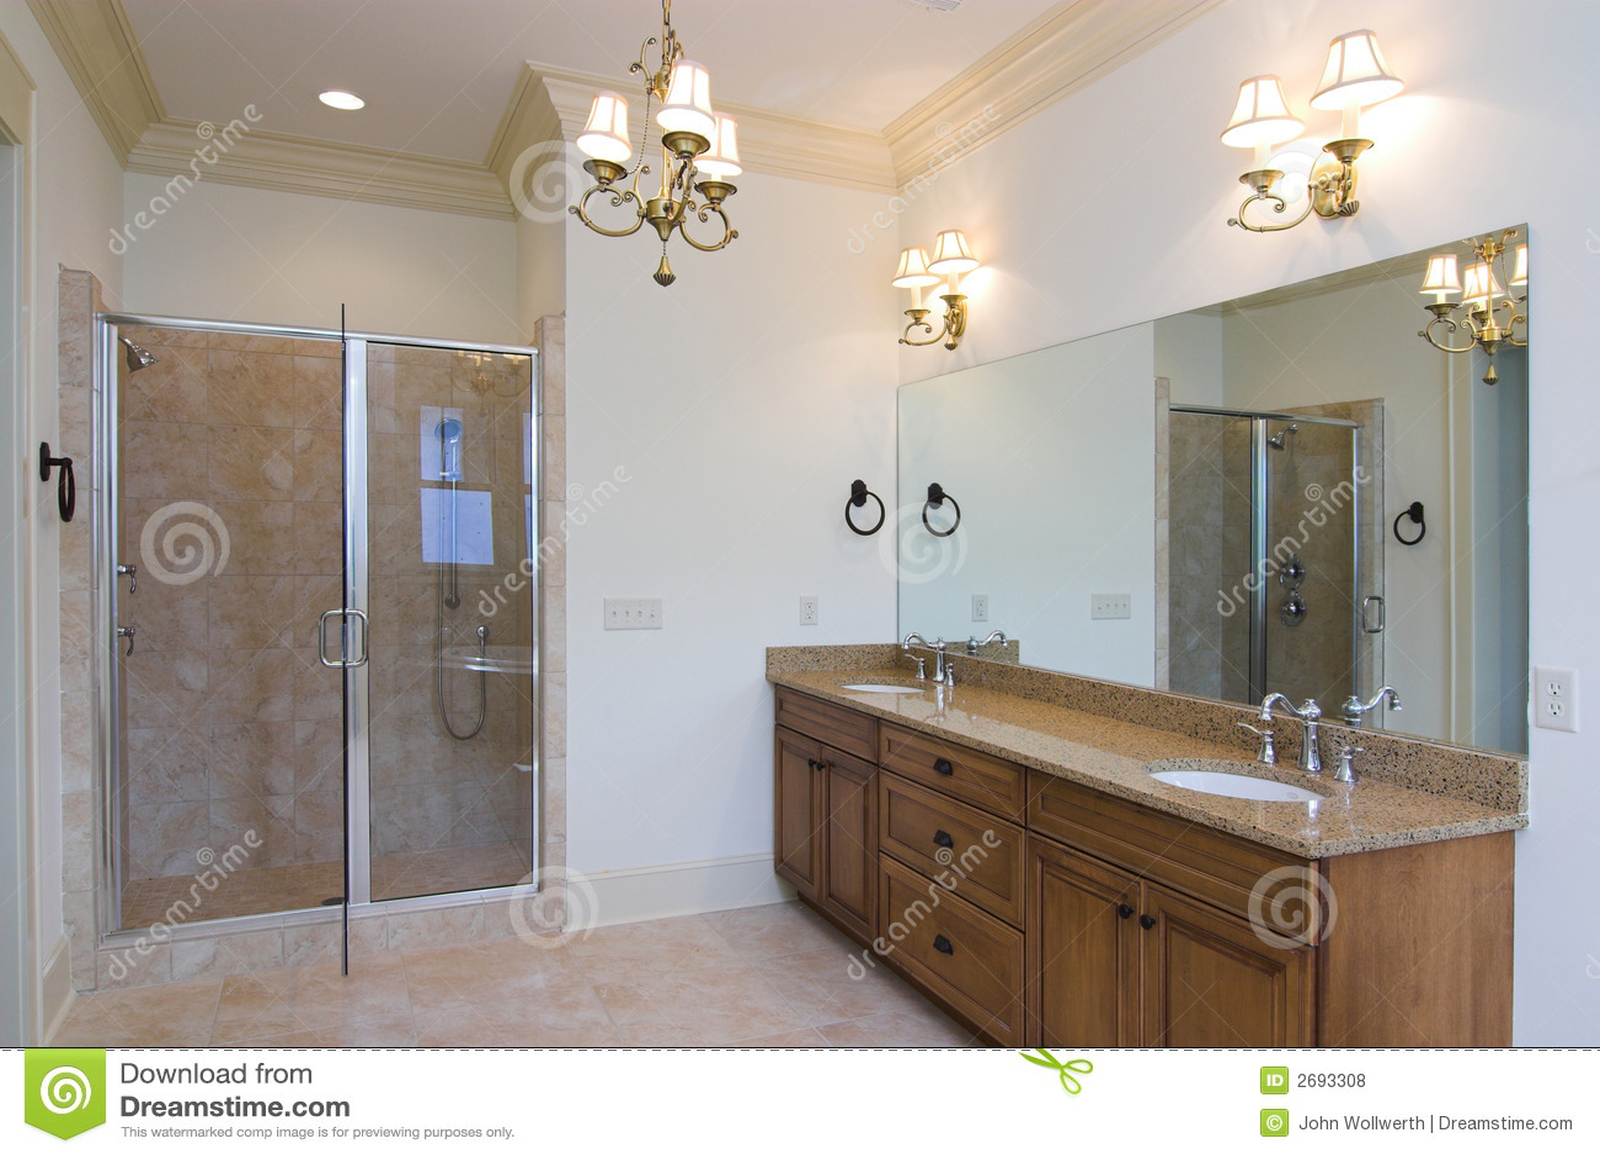 Cuba Banheiro Bloco Cad  gotoworldfrcom decoração de banheiro simples de pobre -> Cuba Banheiro Bloco Cad